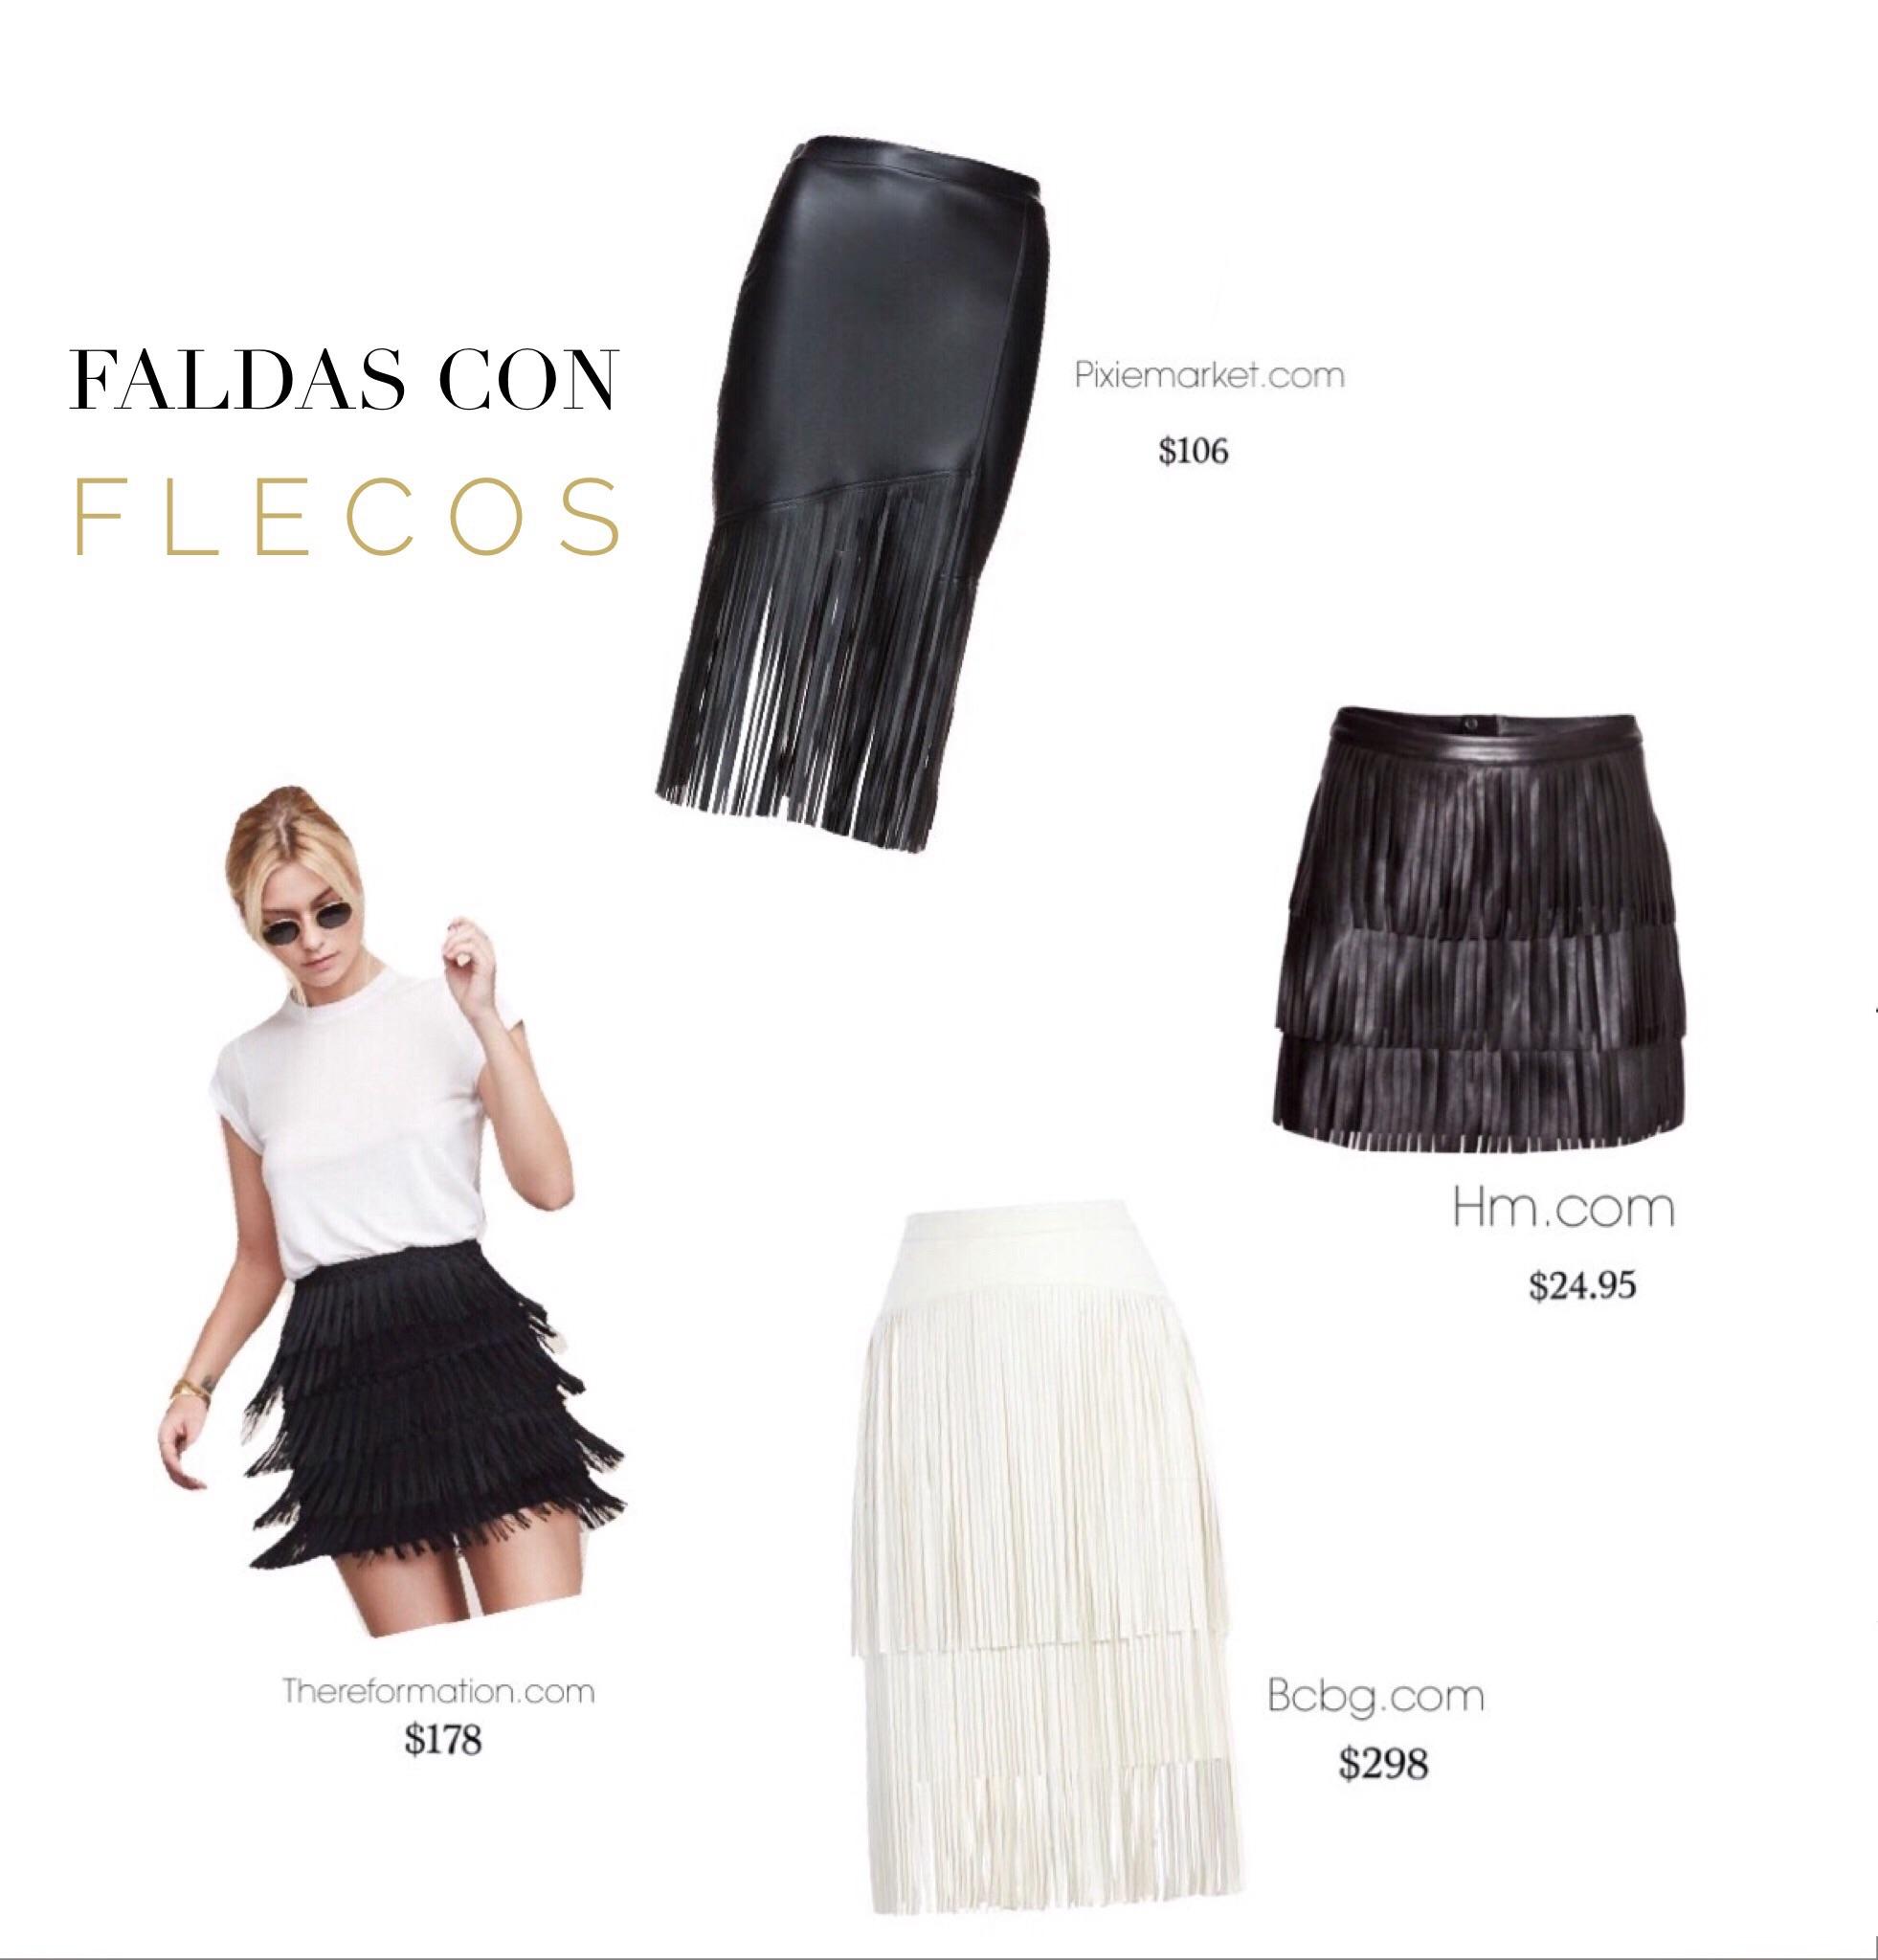 Faldas con flecos